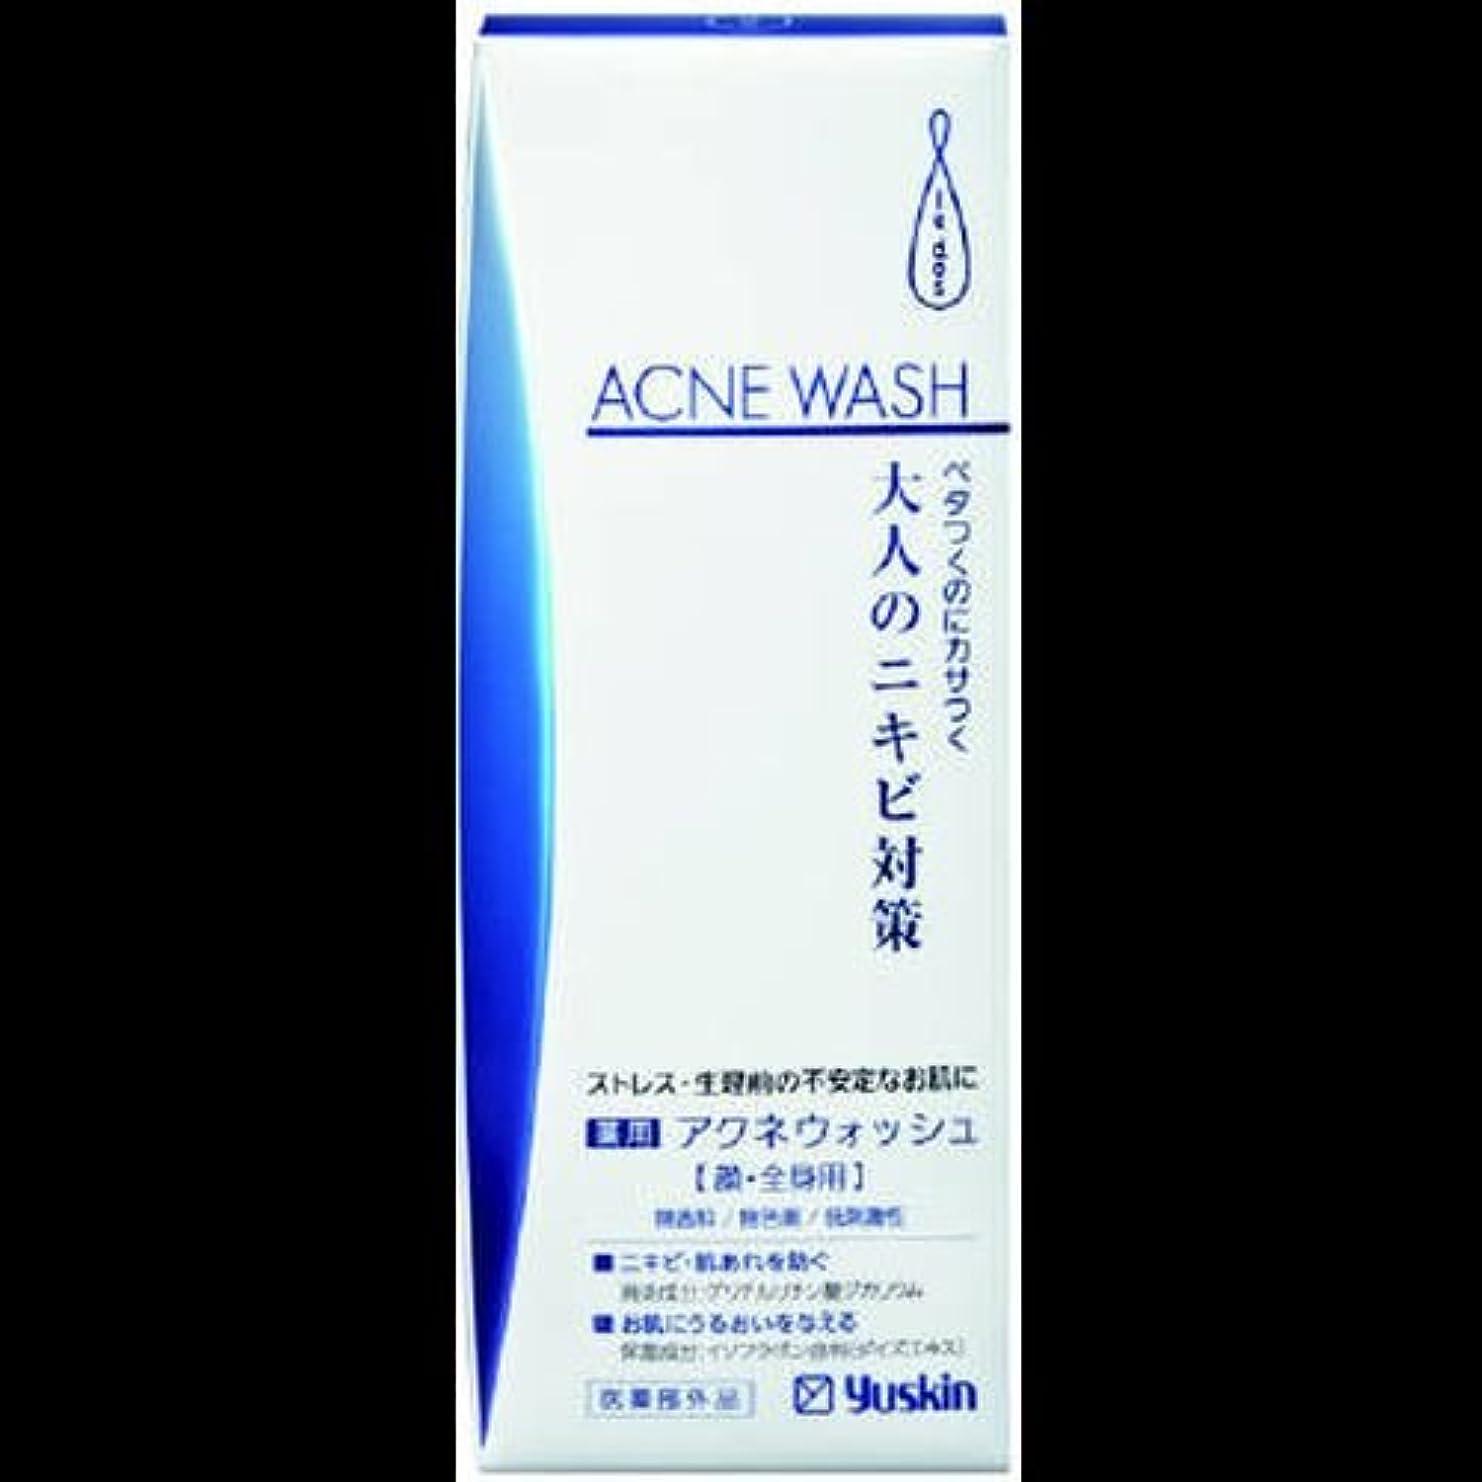 【まとめ買い】ユースキン ルドー 薬用アクネウォッシュ 200ml ×2セット